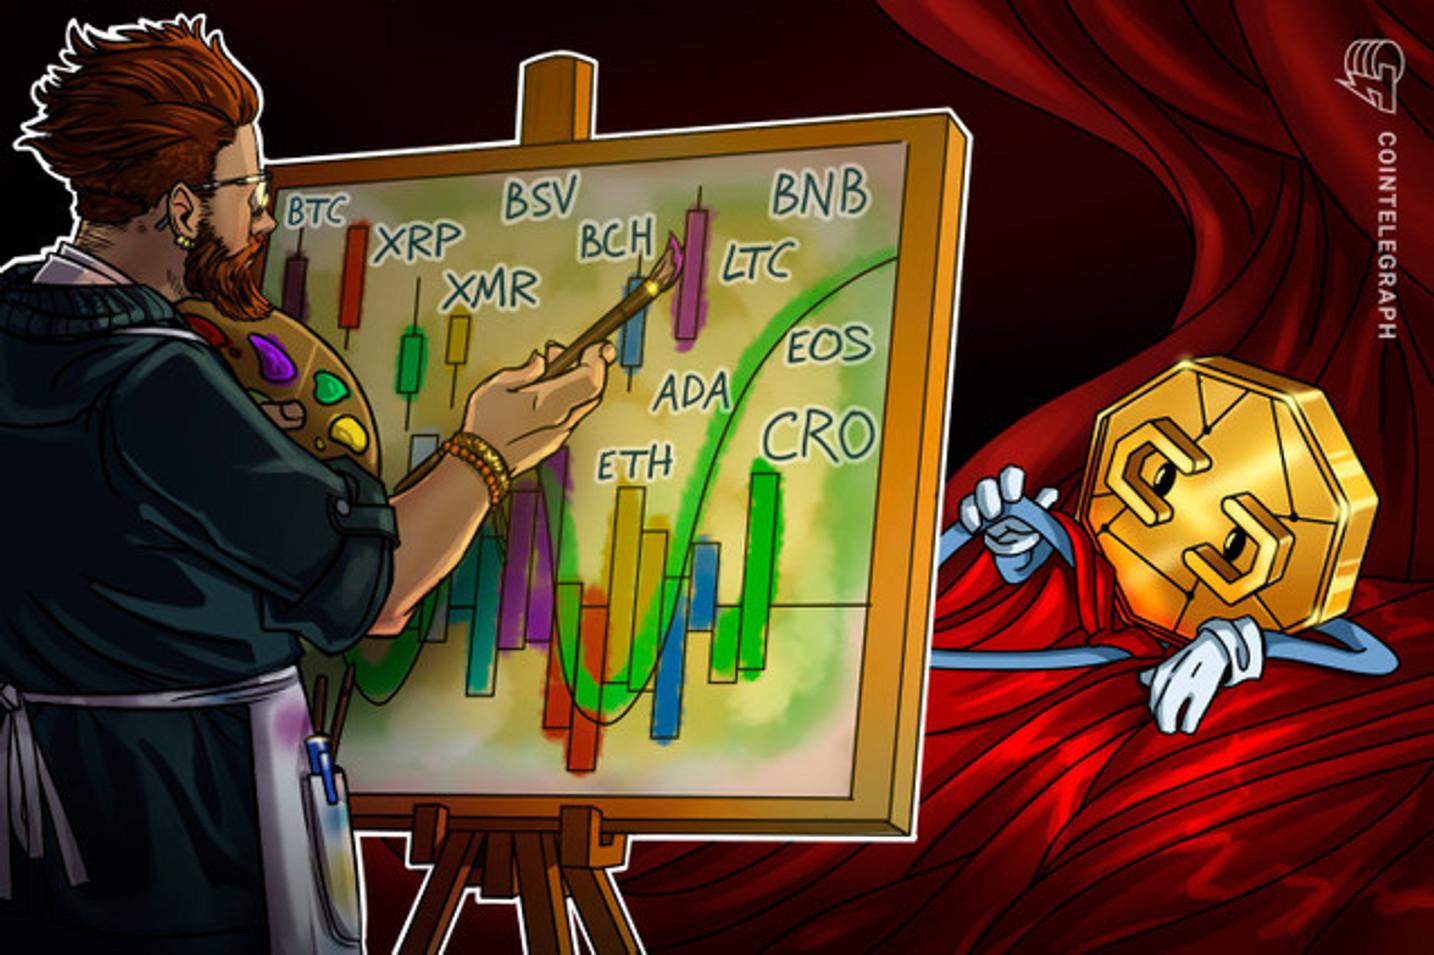 Top 5 criptomonedas con mejor desempeño durante la pandemia del coronavirus